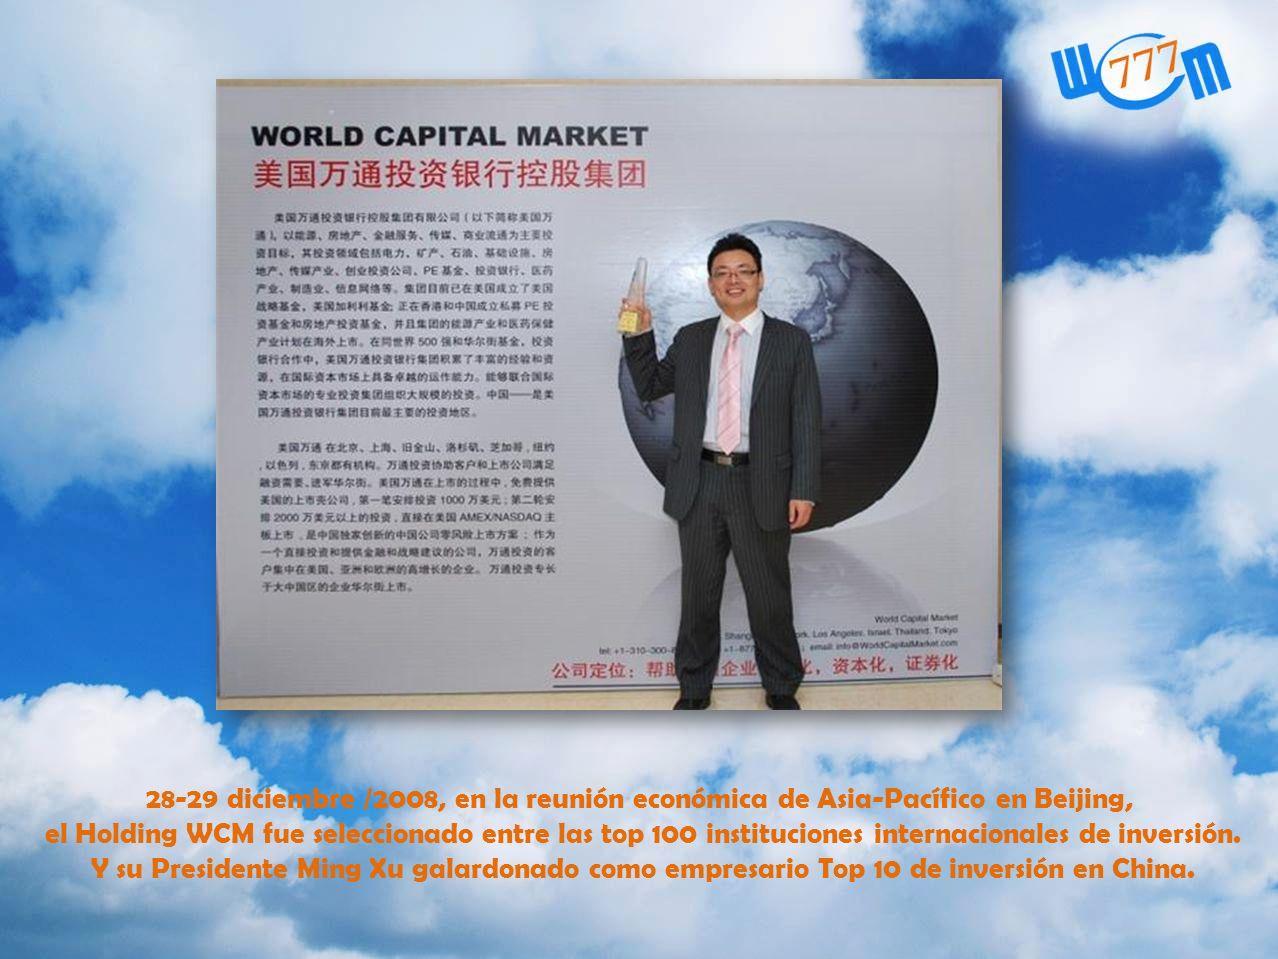 28-29 diciembre /2008, en la reunión económica de Asia-Pacífico en Beijing, el Holding WCM fue seleccionado entre las top 100 instituciones internacio